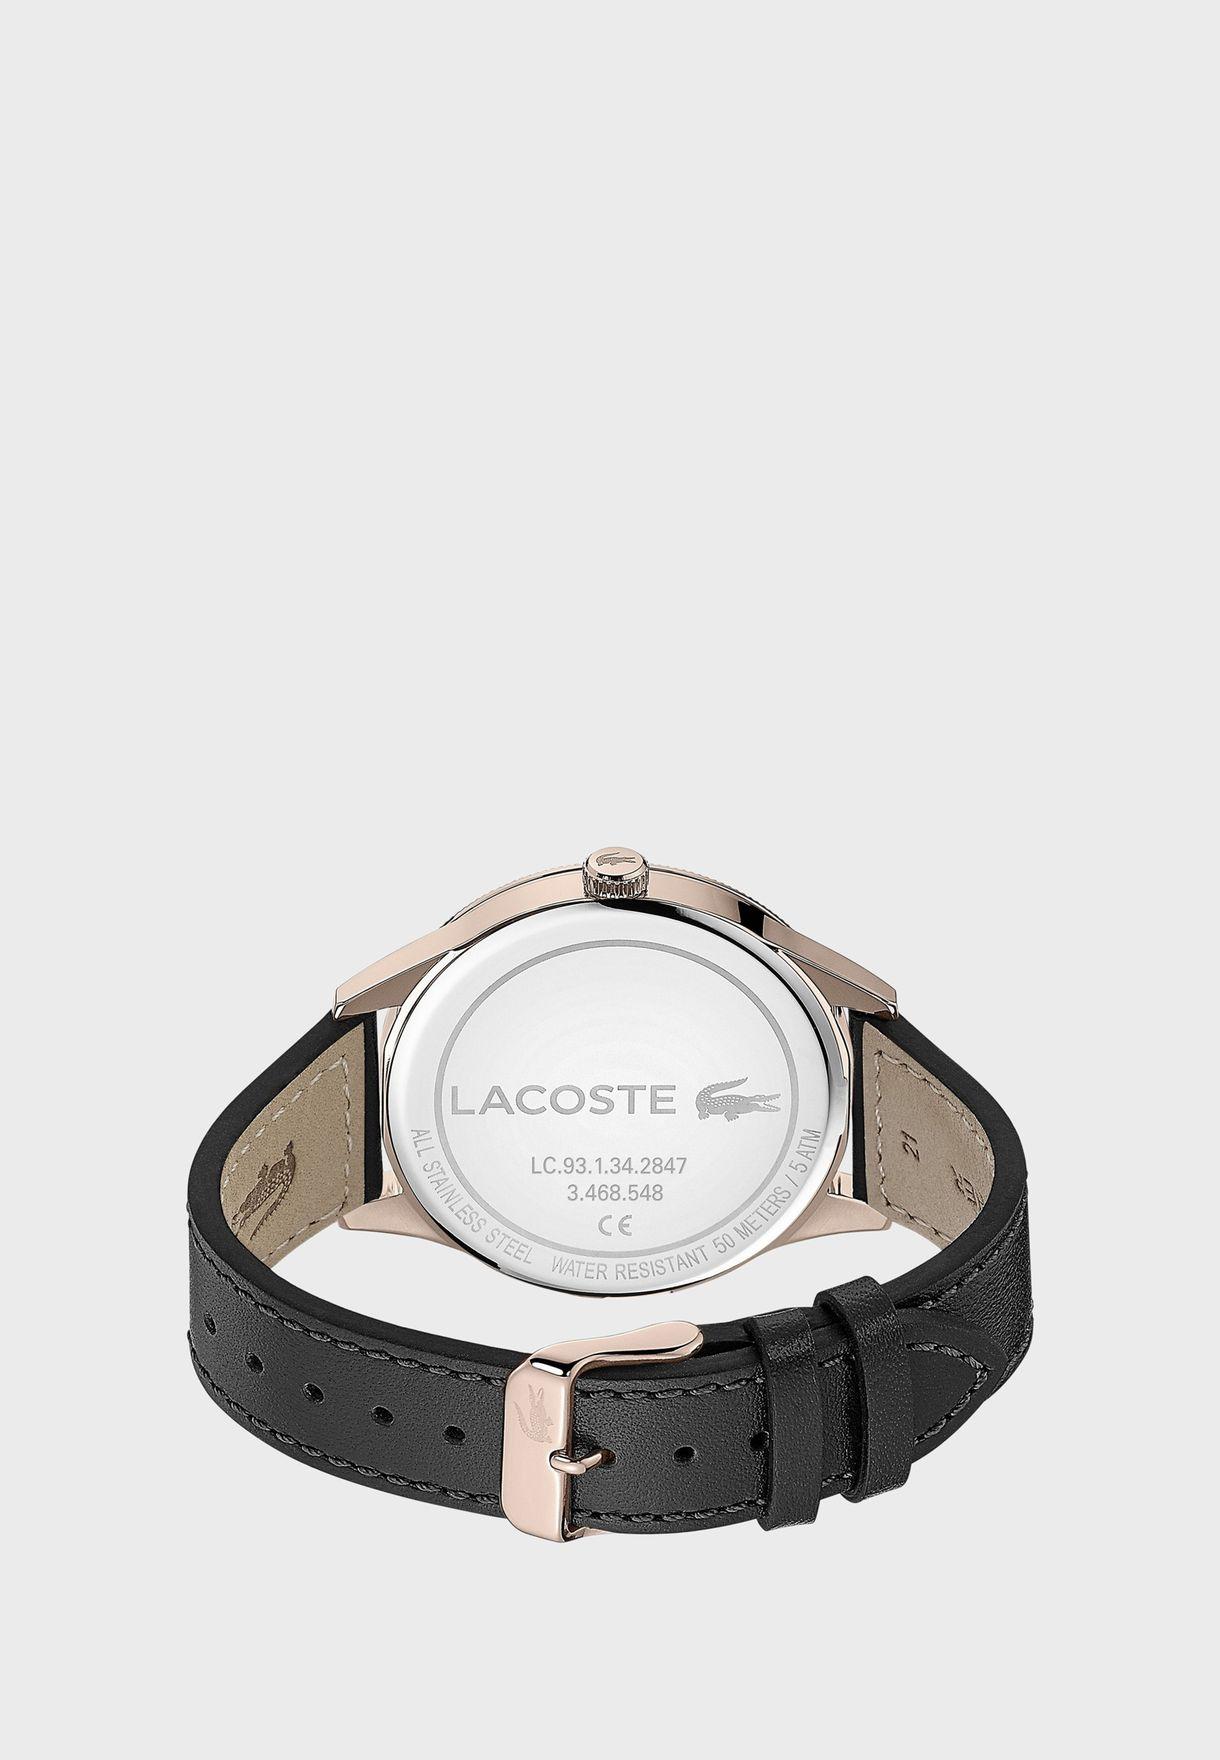 ساعة لاكوست لاكوست كونتيننتال بسوار جلدي للرجال - 2011042